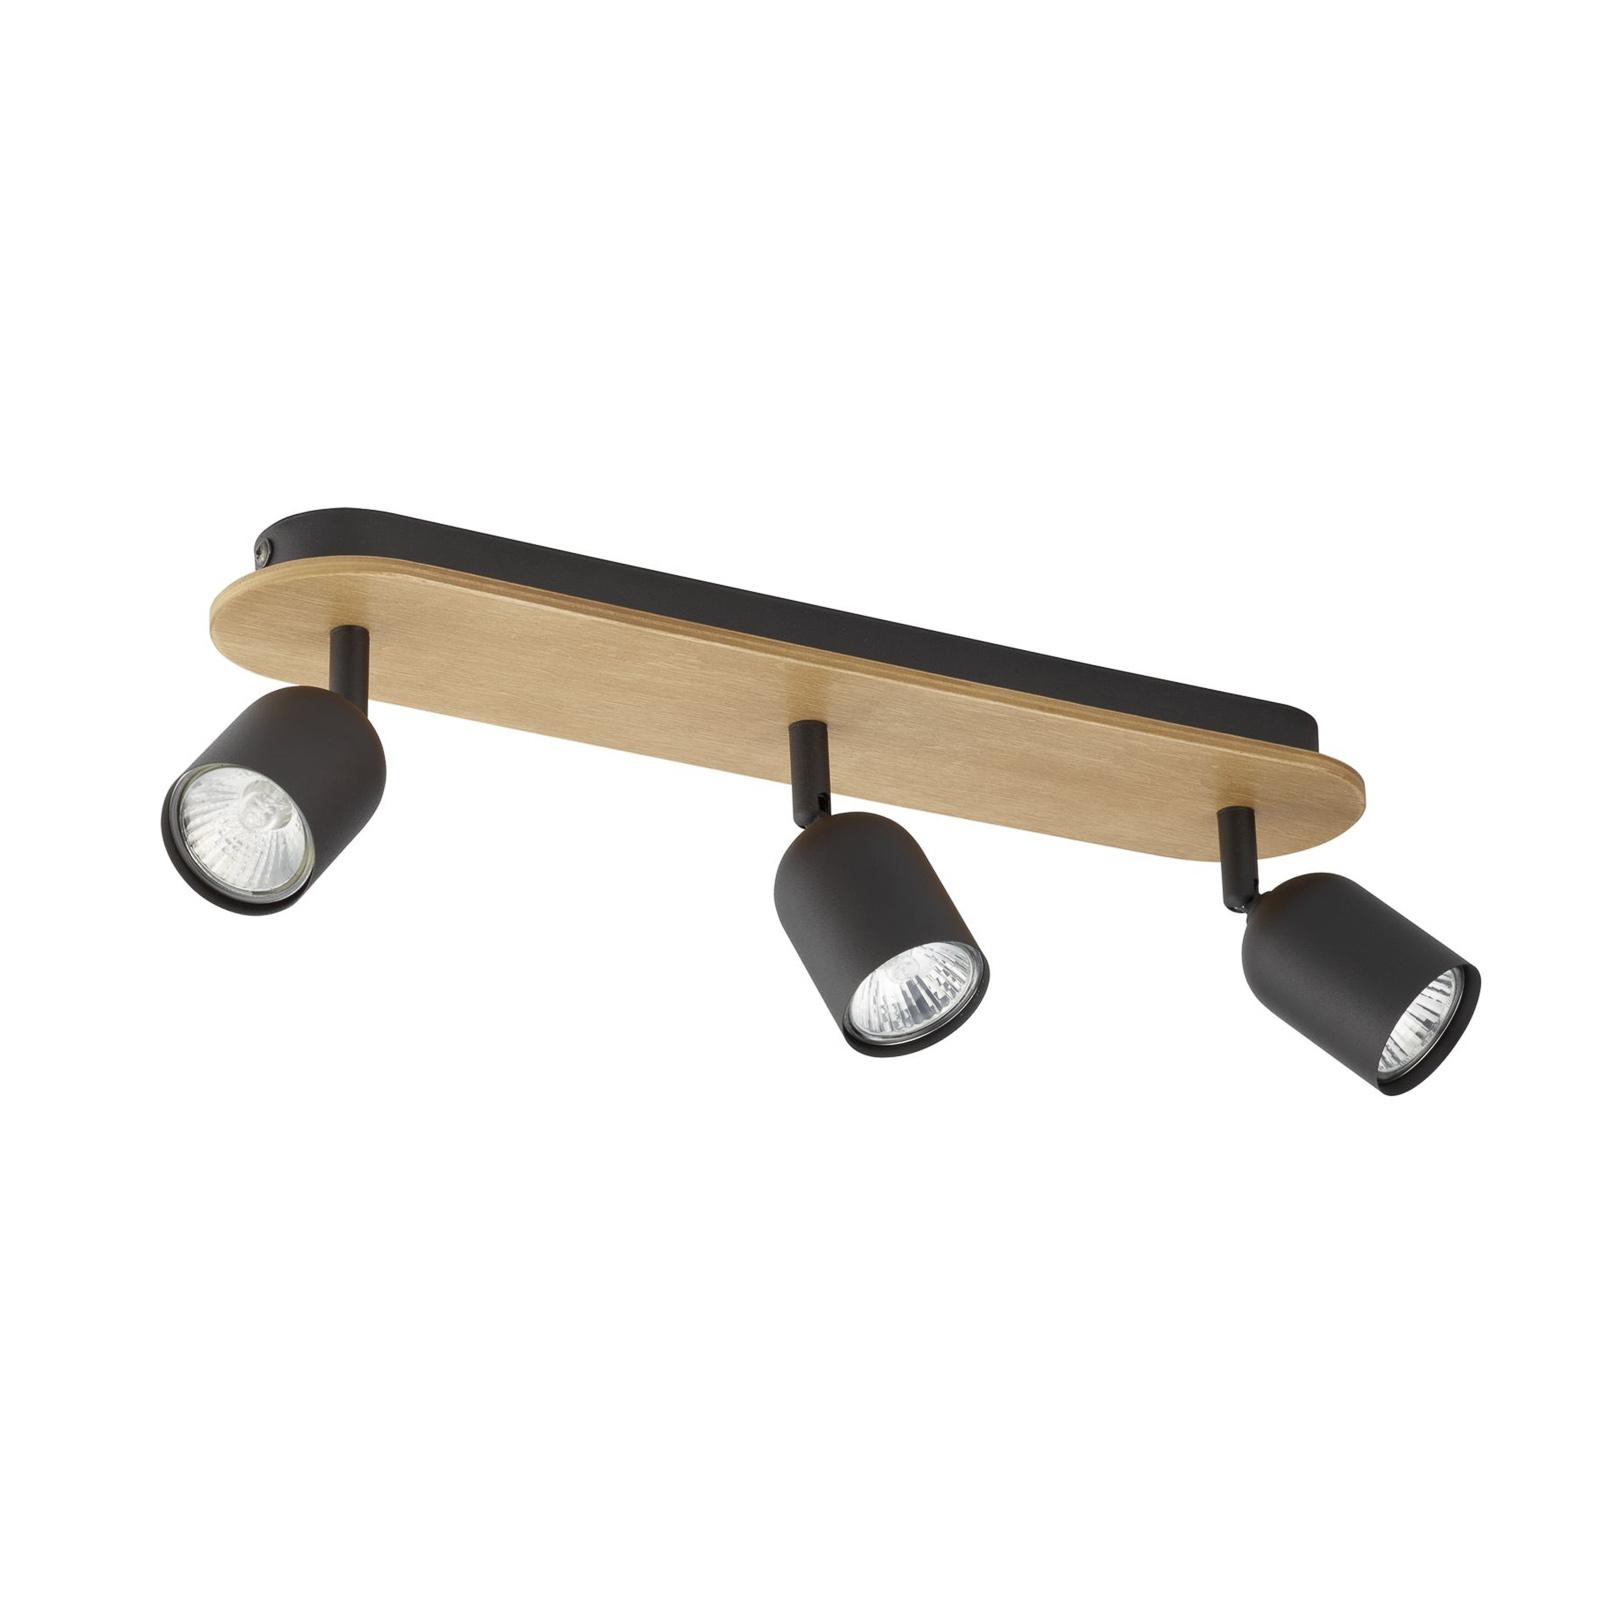 Kattospotti Top Wood, 3-lamppuinen, puu/musta